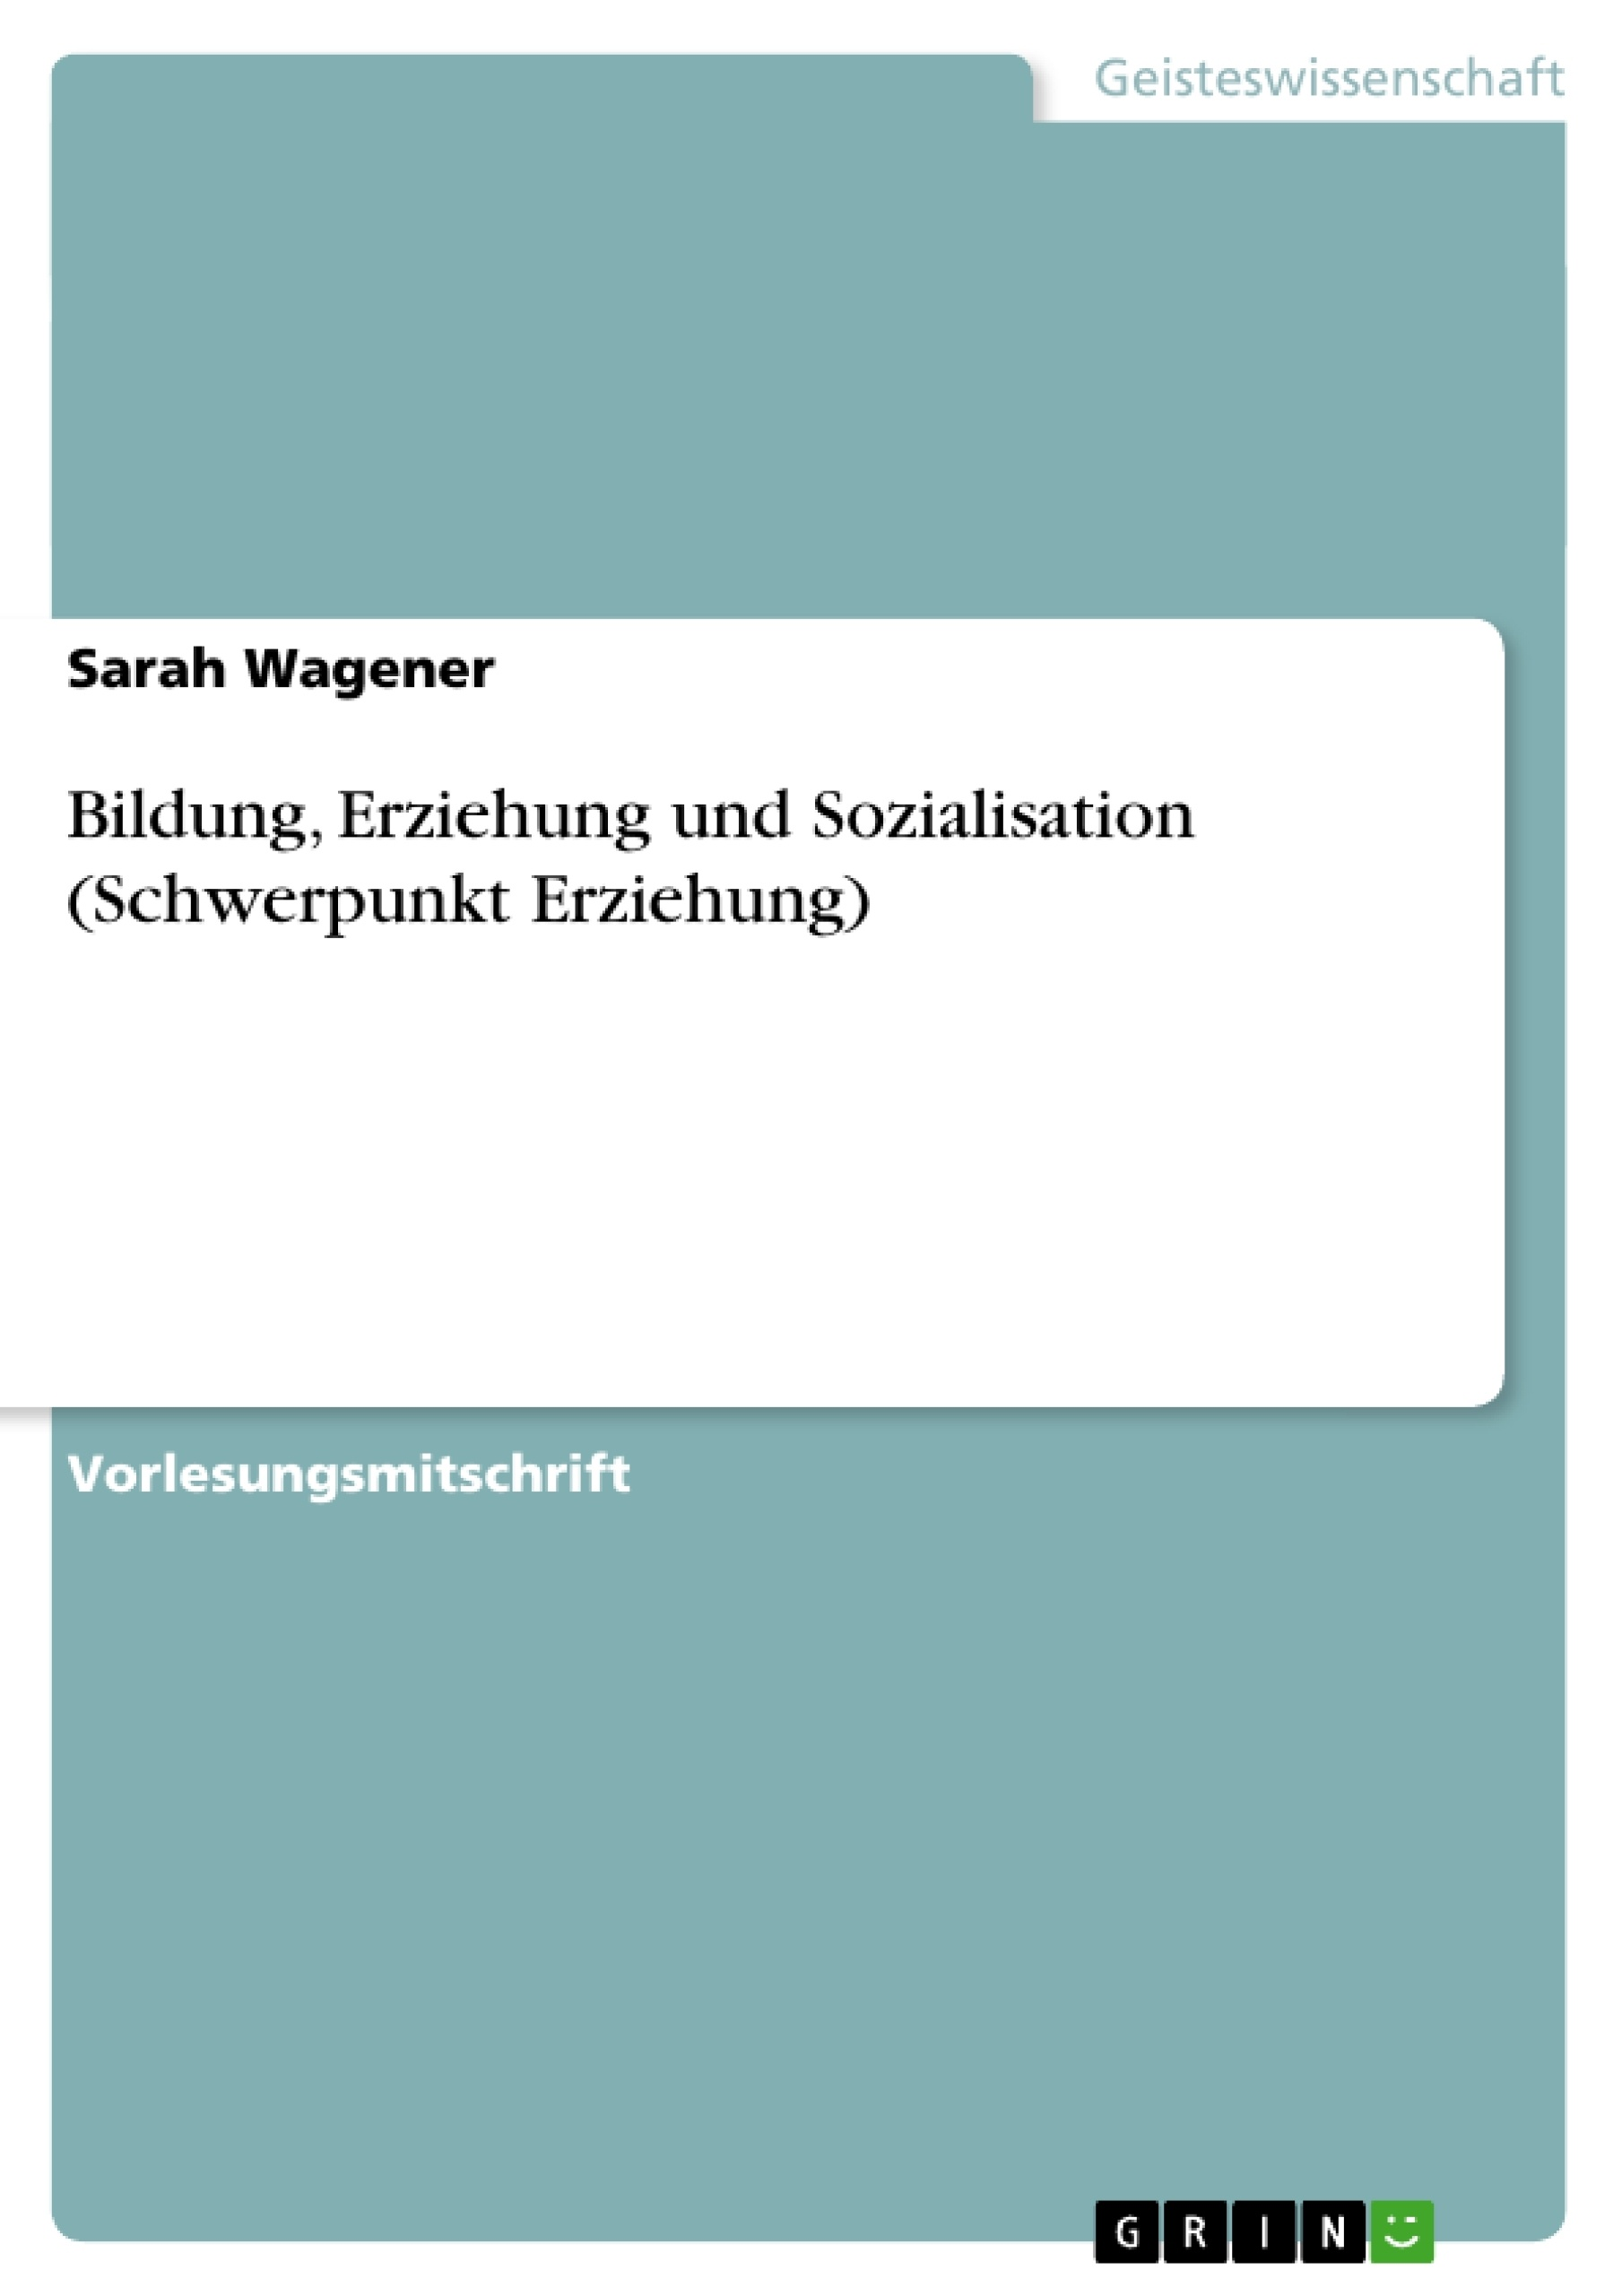 Titel: Bildung, Erziehung und Sozialisation (Schwerpunkt Erziehung)